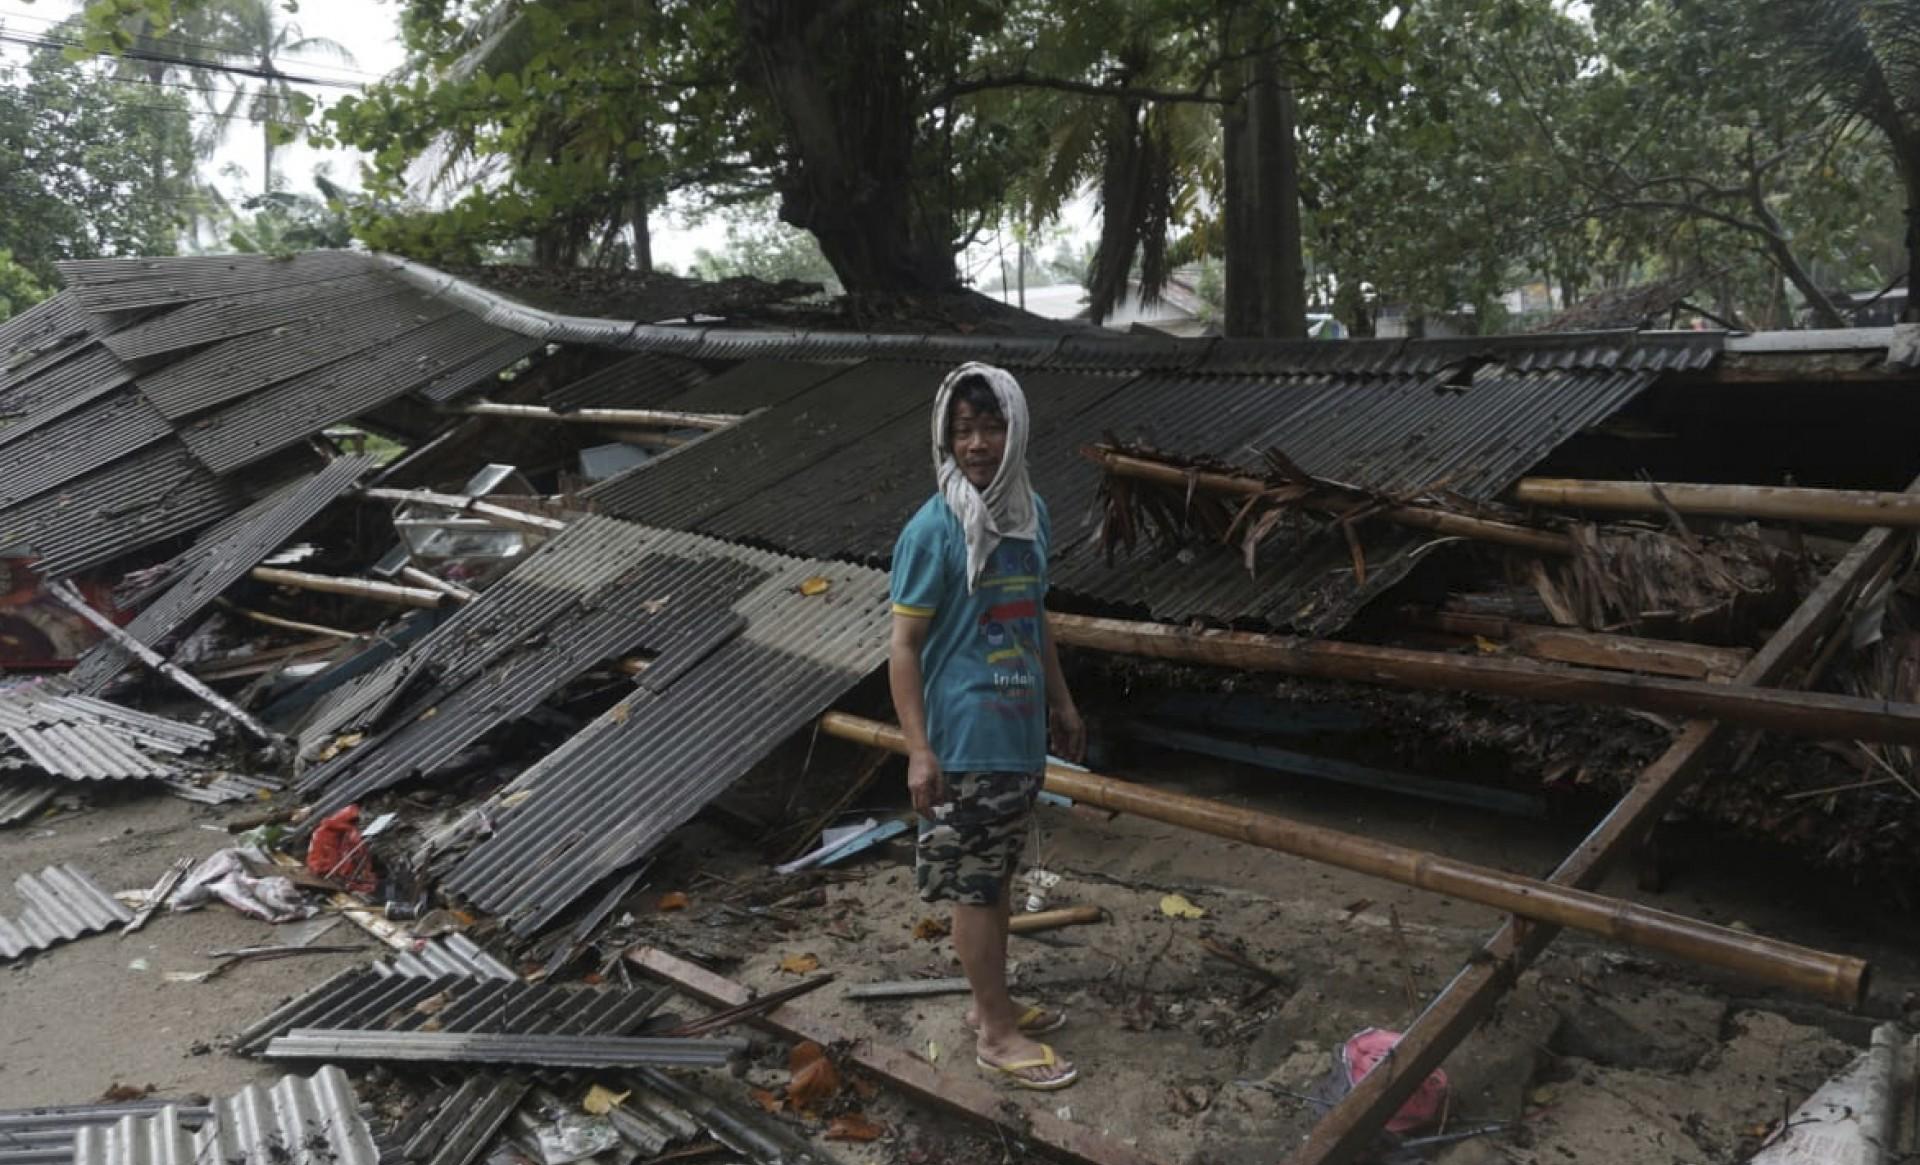 Un hombre inspecciona su casa, que fue dañada por un tsunami, en Carita, Indonesia, el domingo 23 de diciembre de 2018.